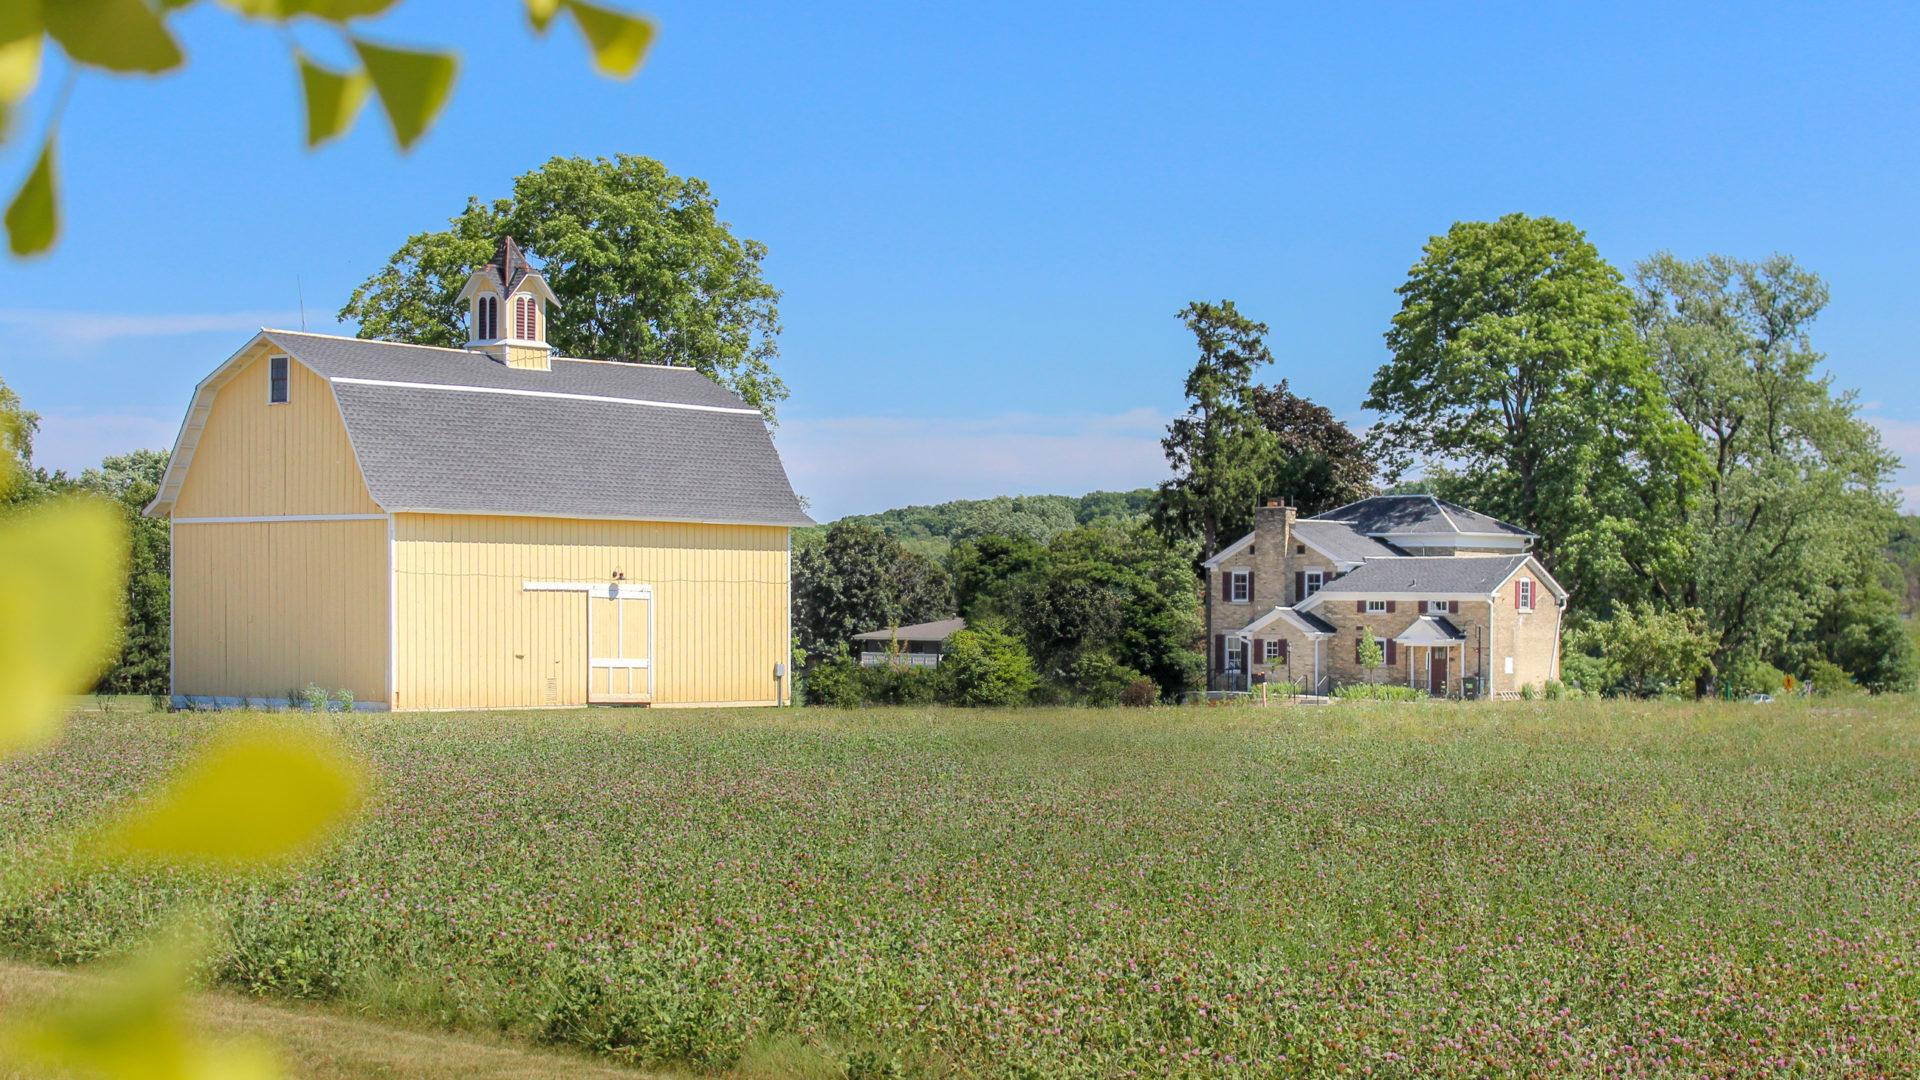 Ruby Farm House and Barn